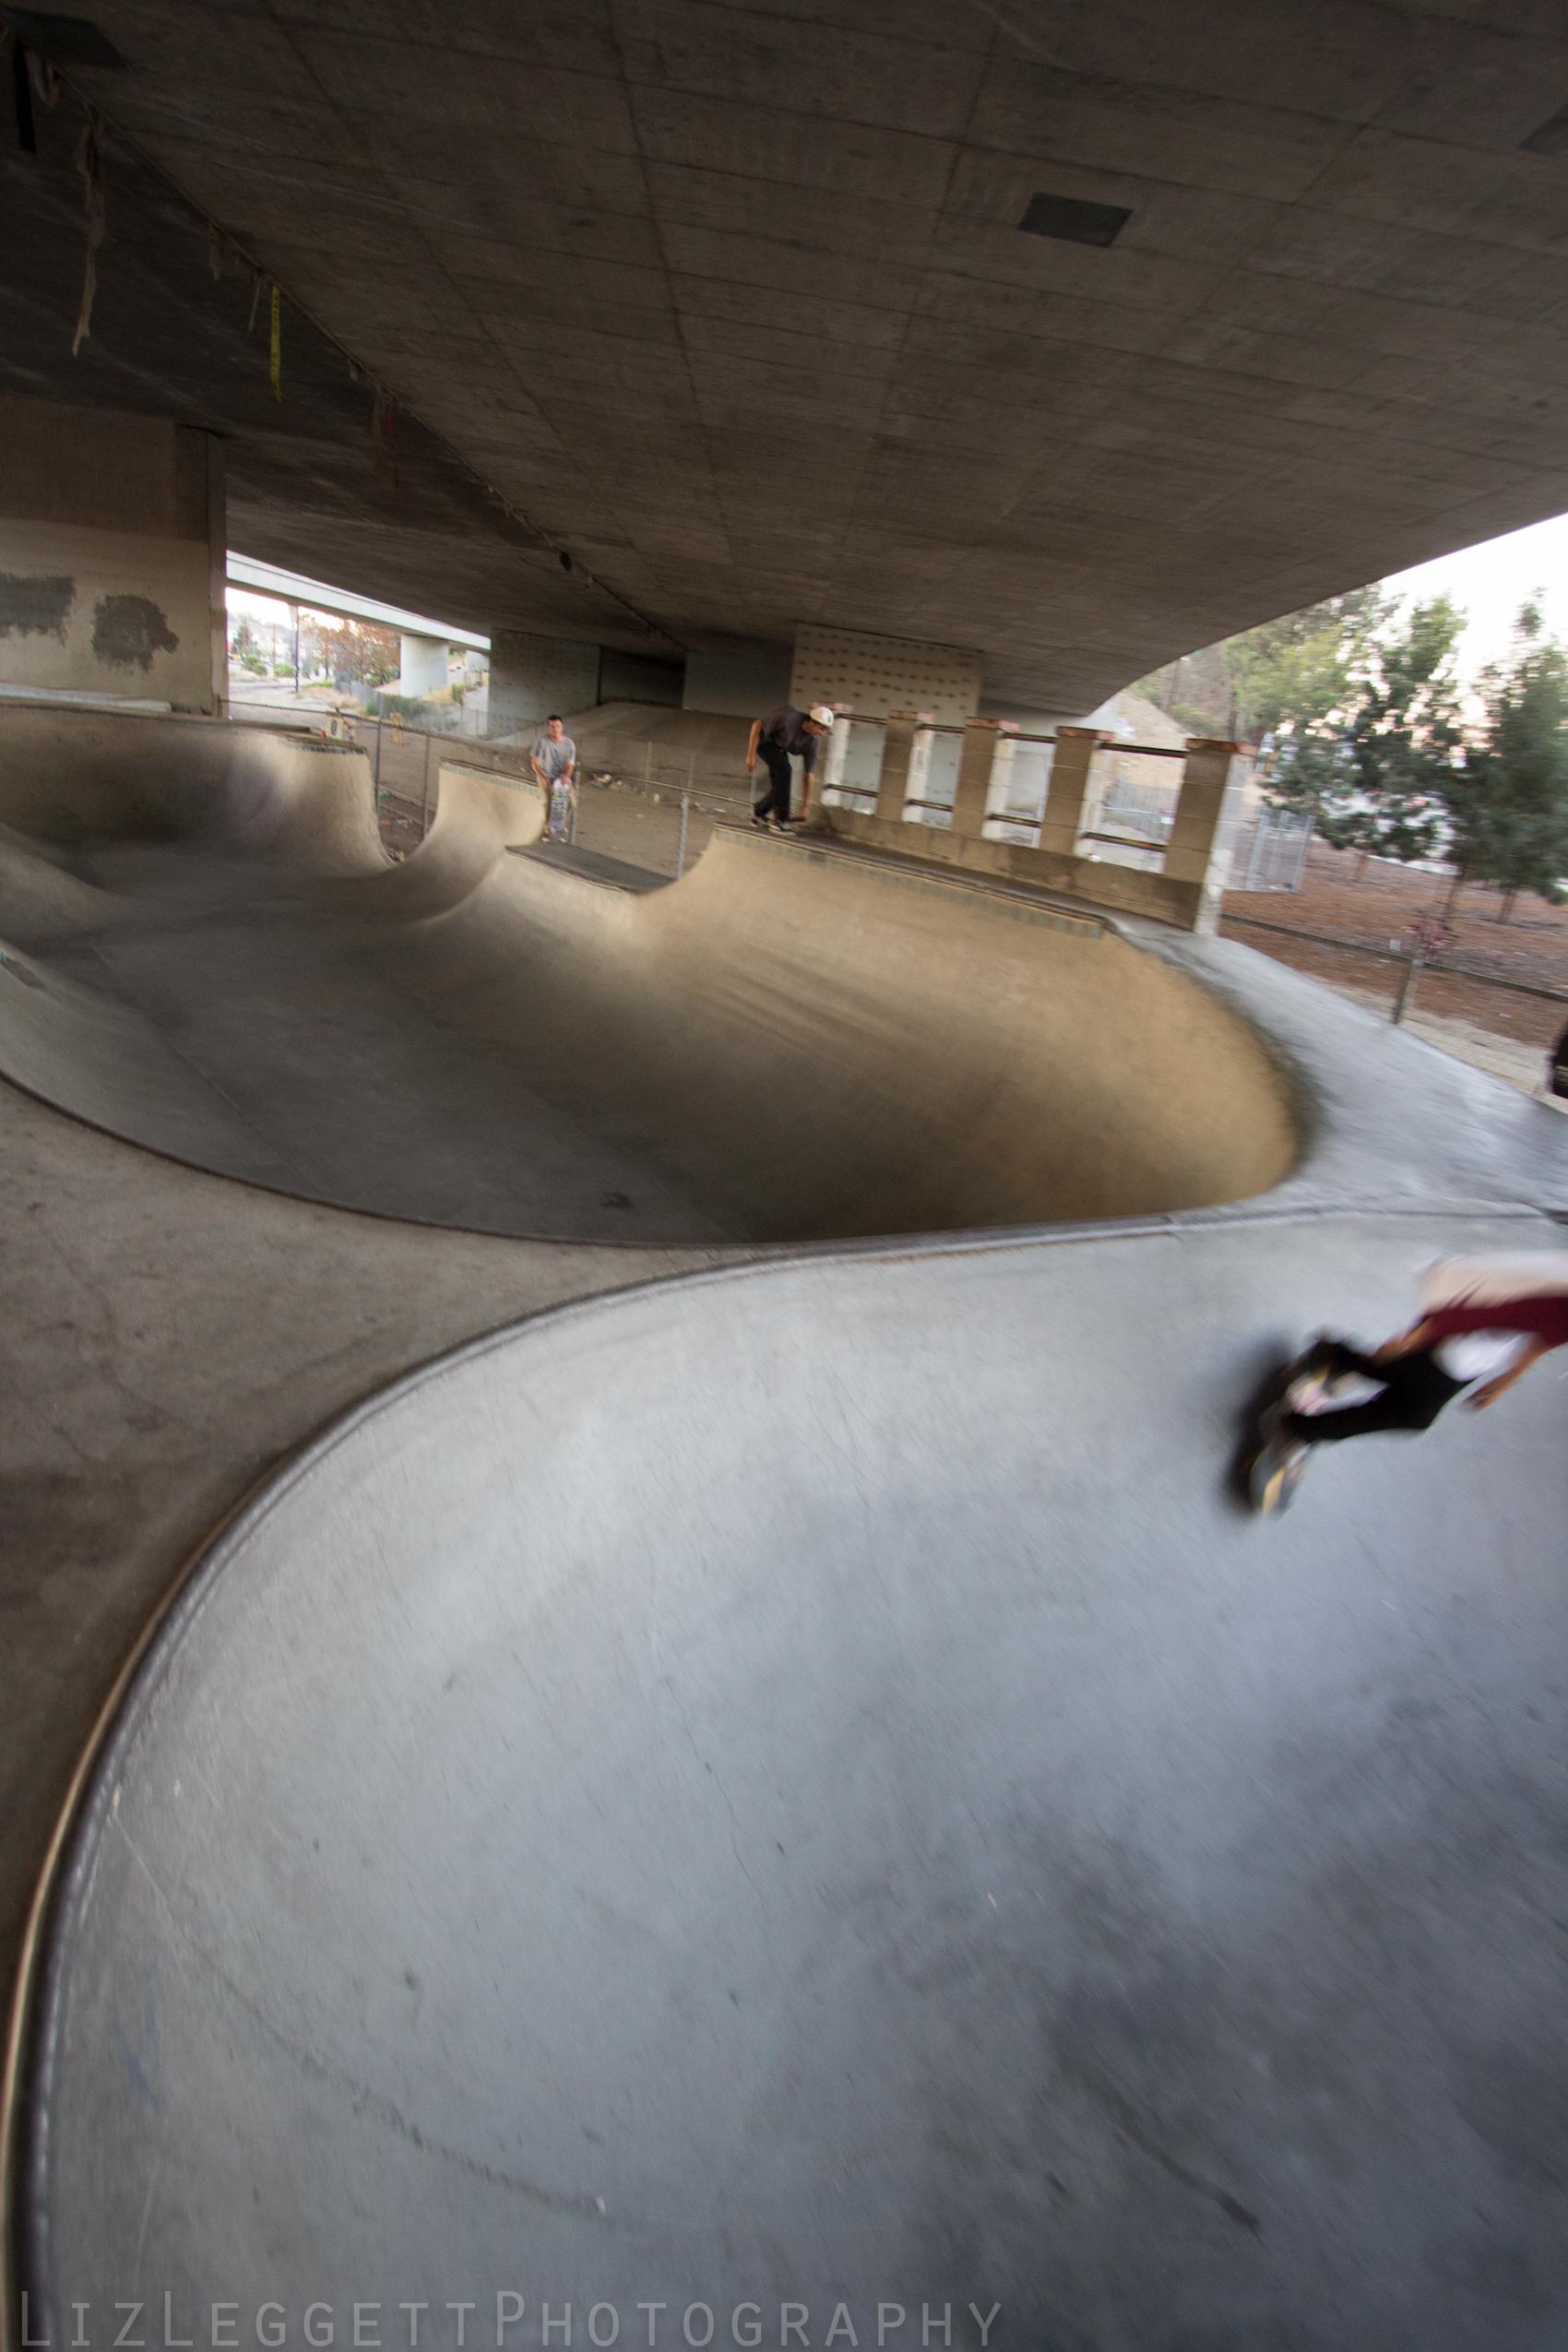 liz_leggett_photography_skatepark_watermarked-0231.jpg